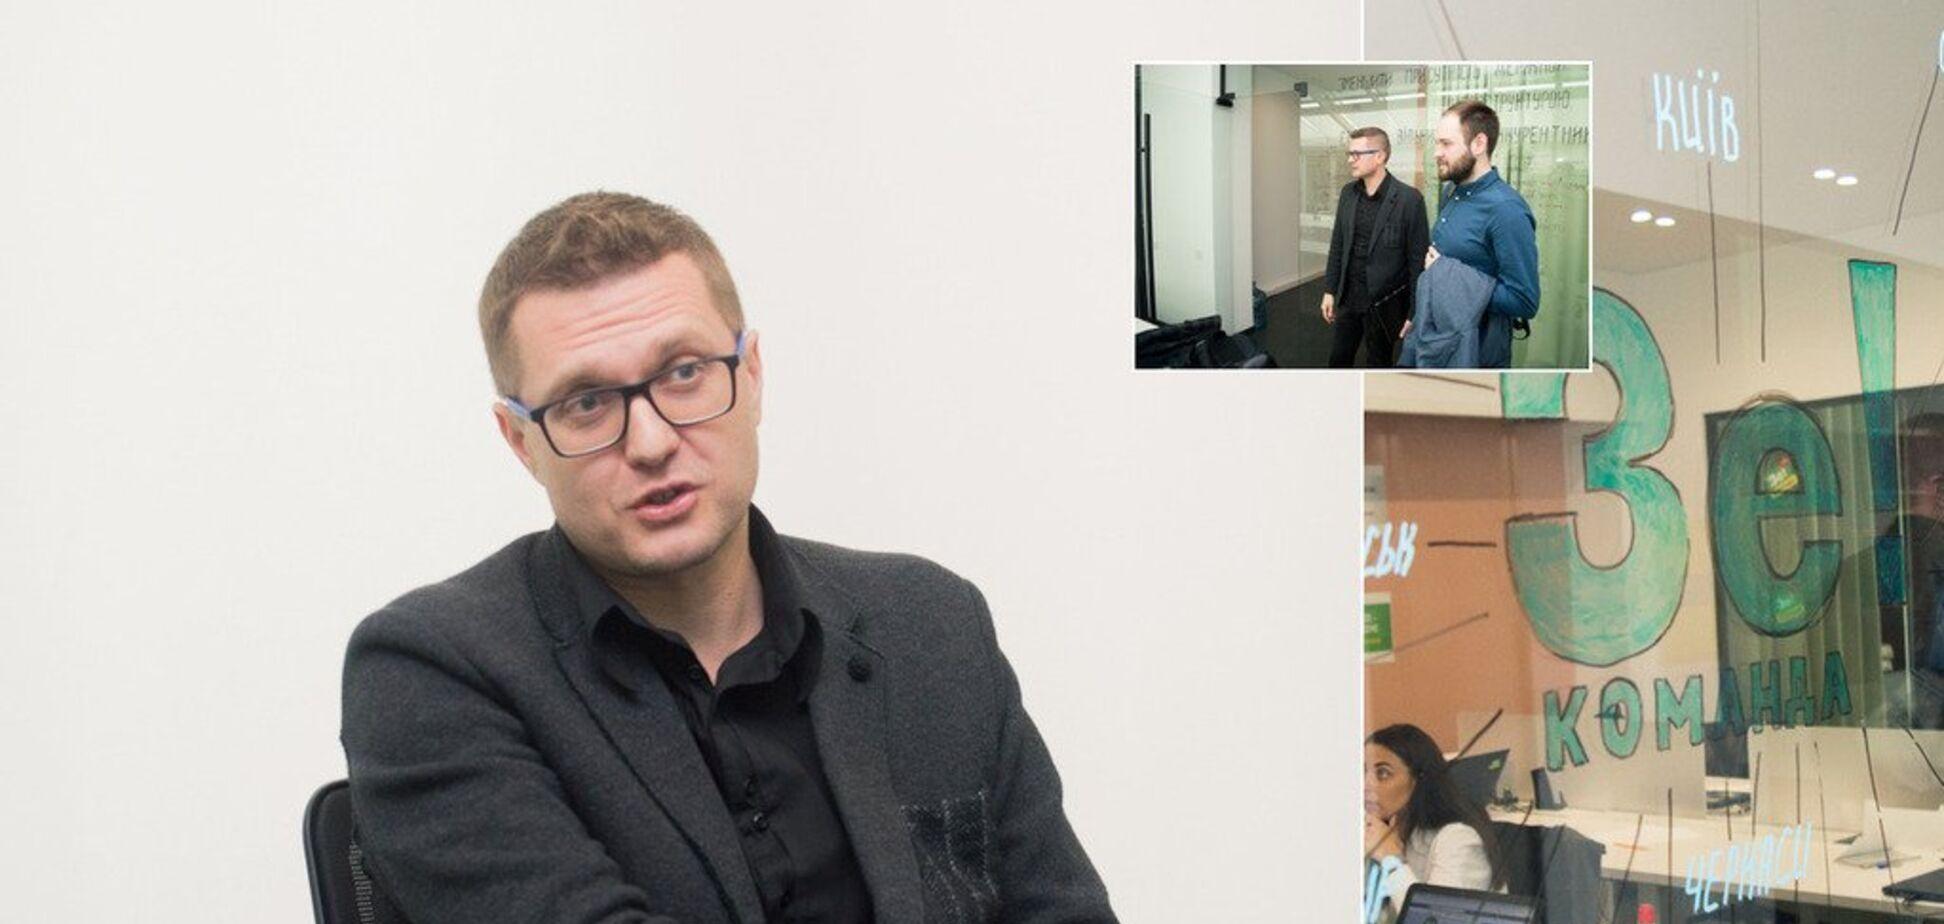 'Мы должны сшить страну': интервью с главой штаба Зеленского о дебатах, Порошенко и Донбассе